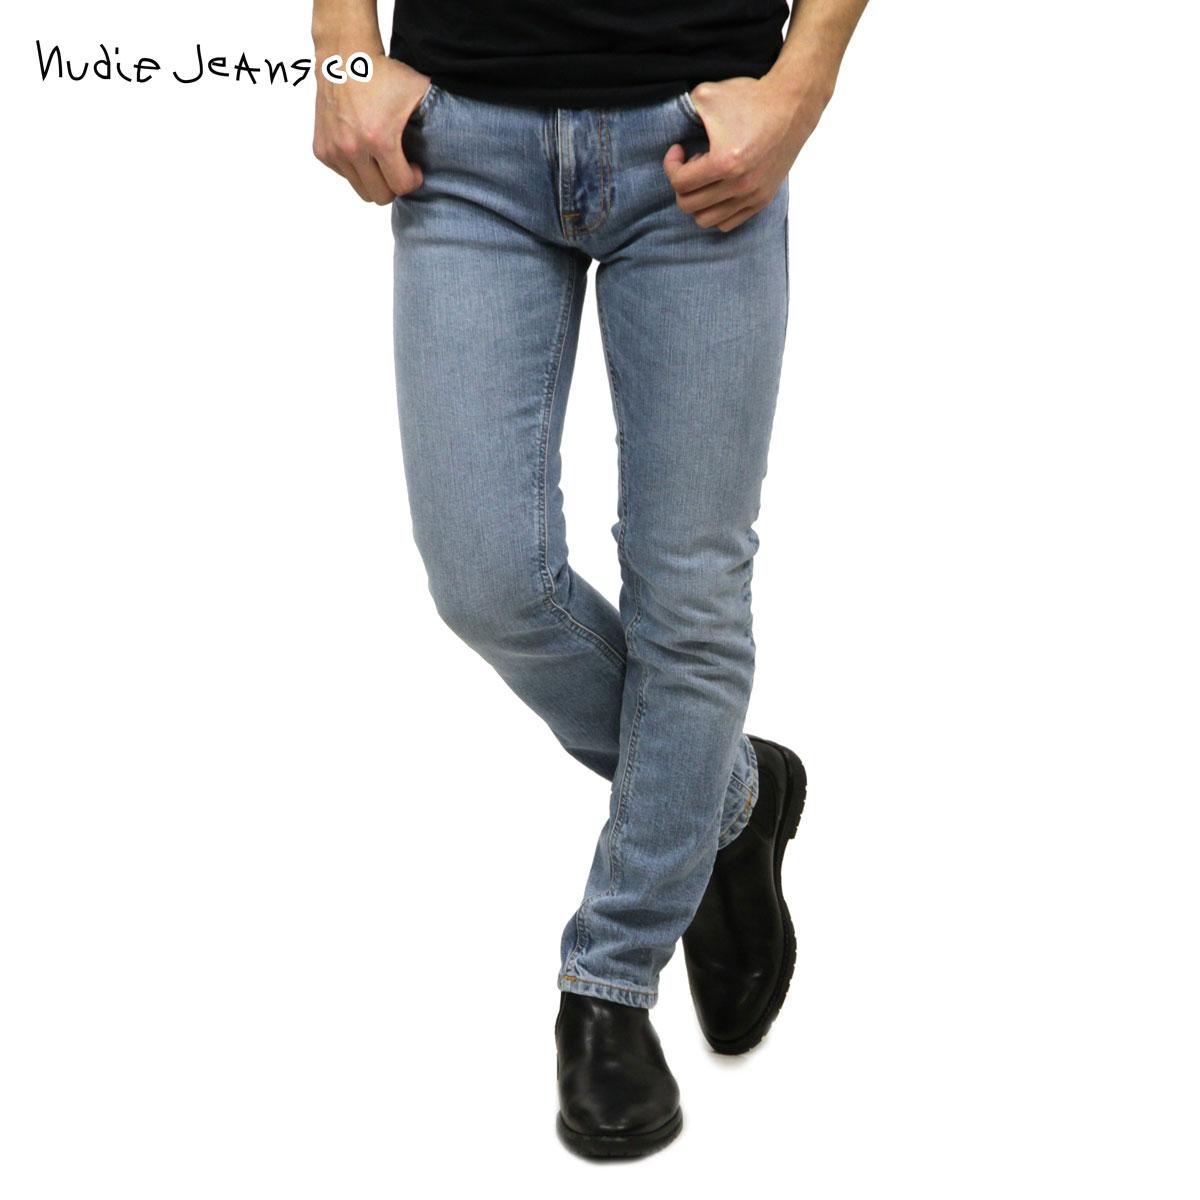 ヌーディージーンズ Nudie Jeans 正規販売店 メンズ ジーンズ シンフィン THIN FINN JEANS LIGHT BLUE COMFORT 996 1129850 1140